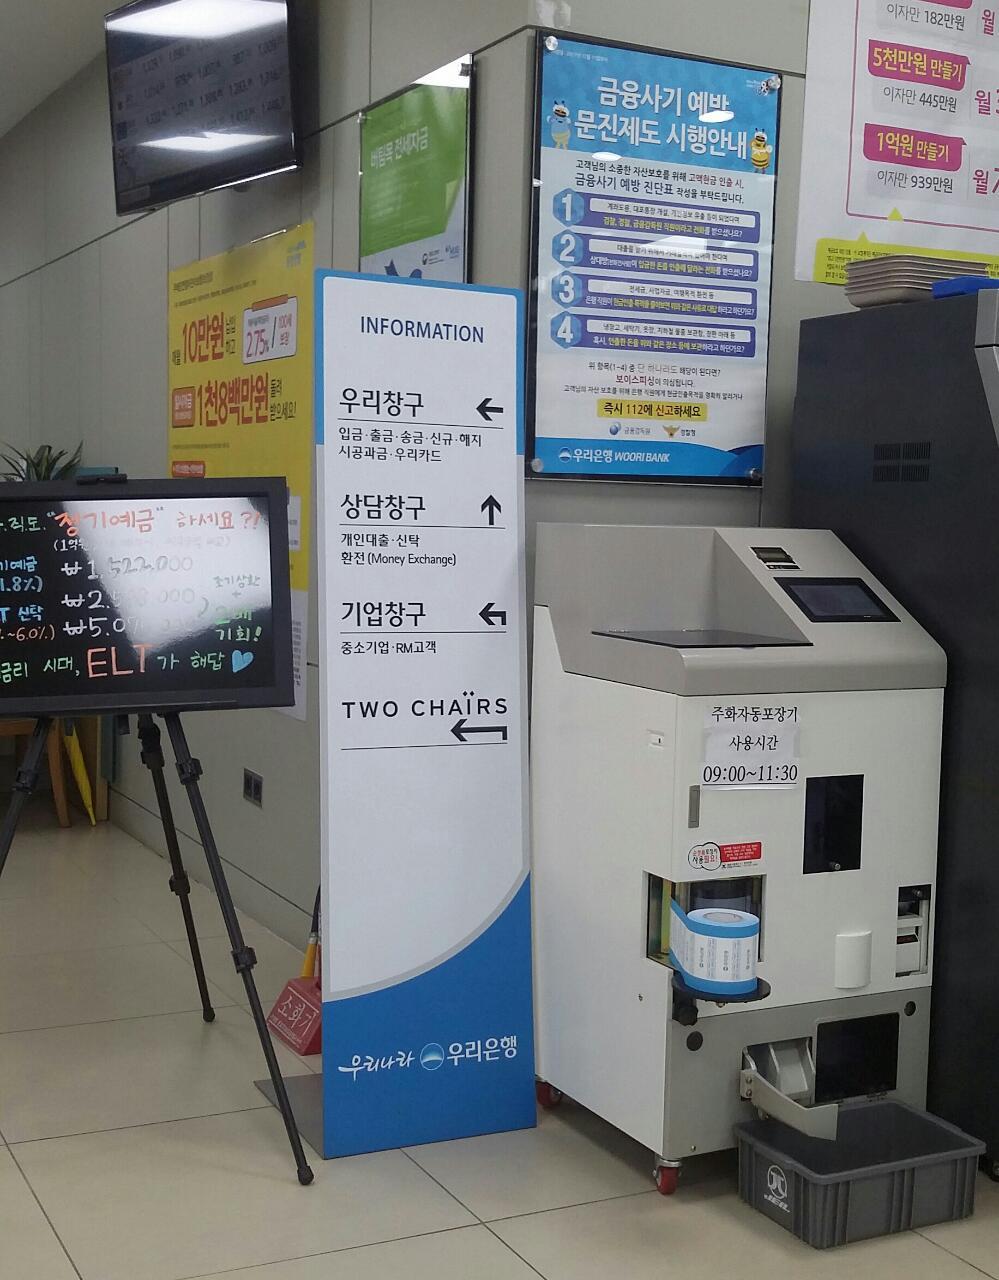 우리은행 동전교환기 동전교환기에 오전 9시부터 11시 30분까지만 교환이 가능하다고 되어있다.